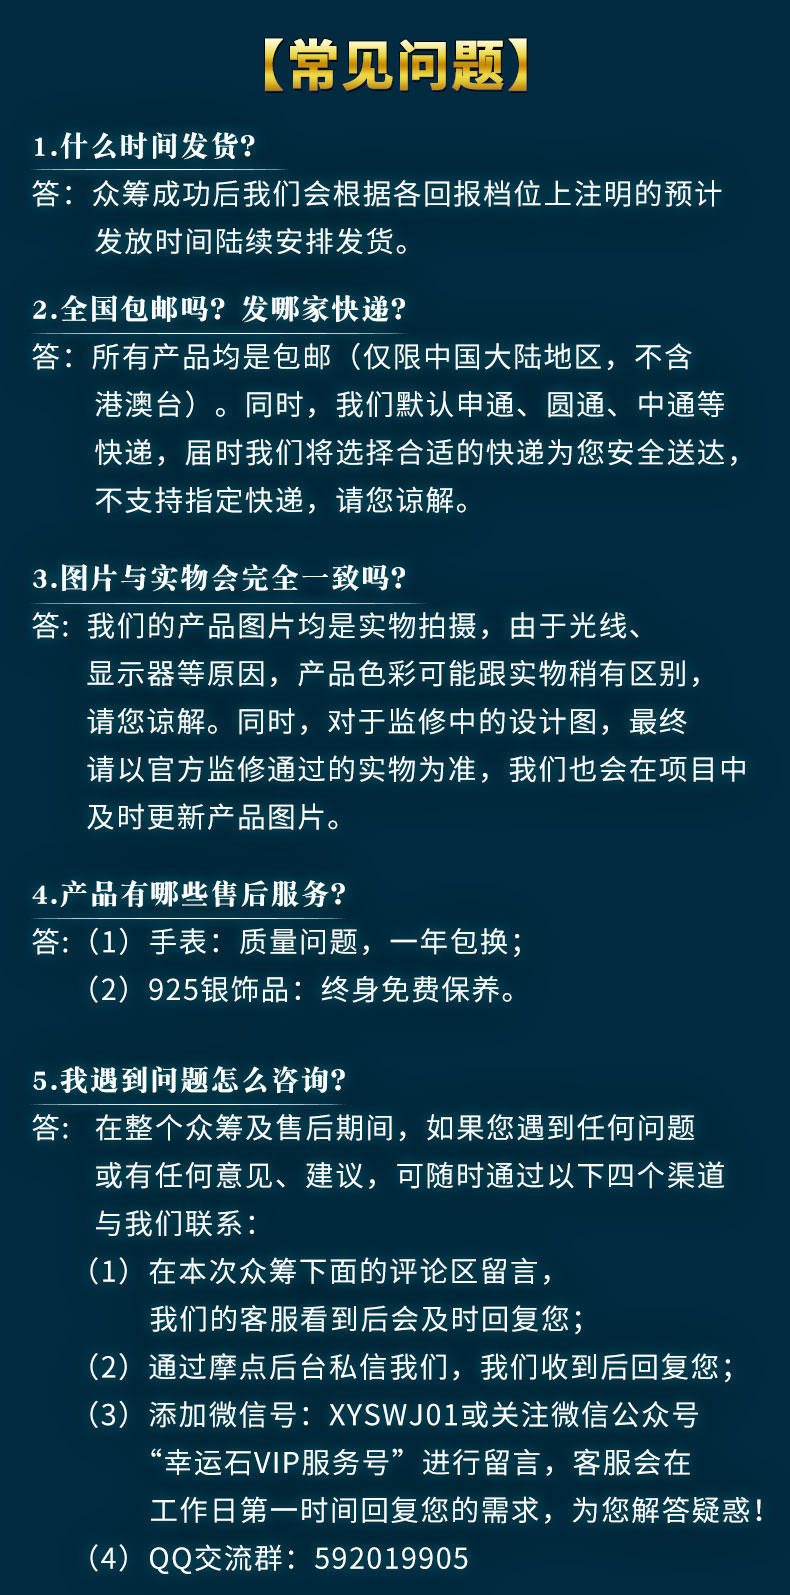 绀青之拳众筹常见问题.jpg